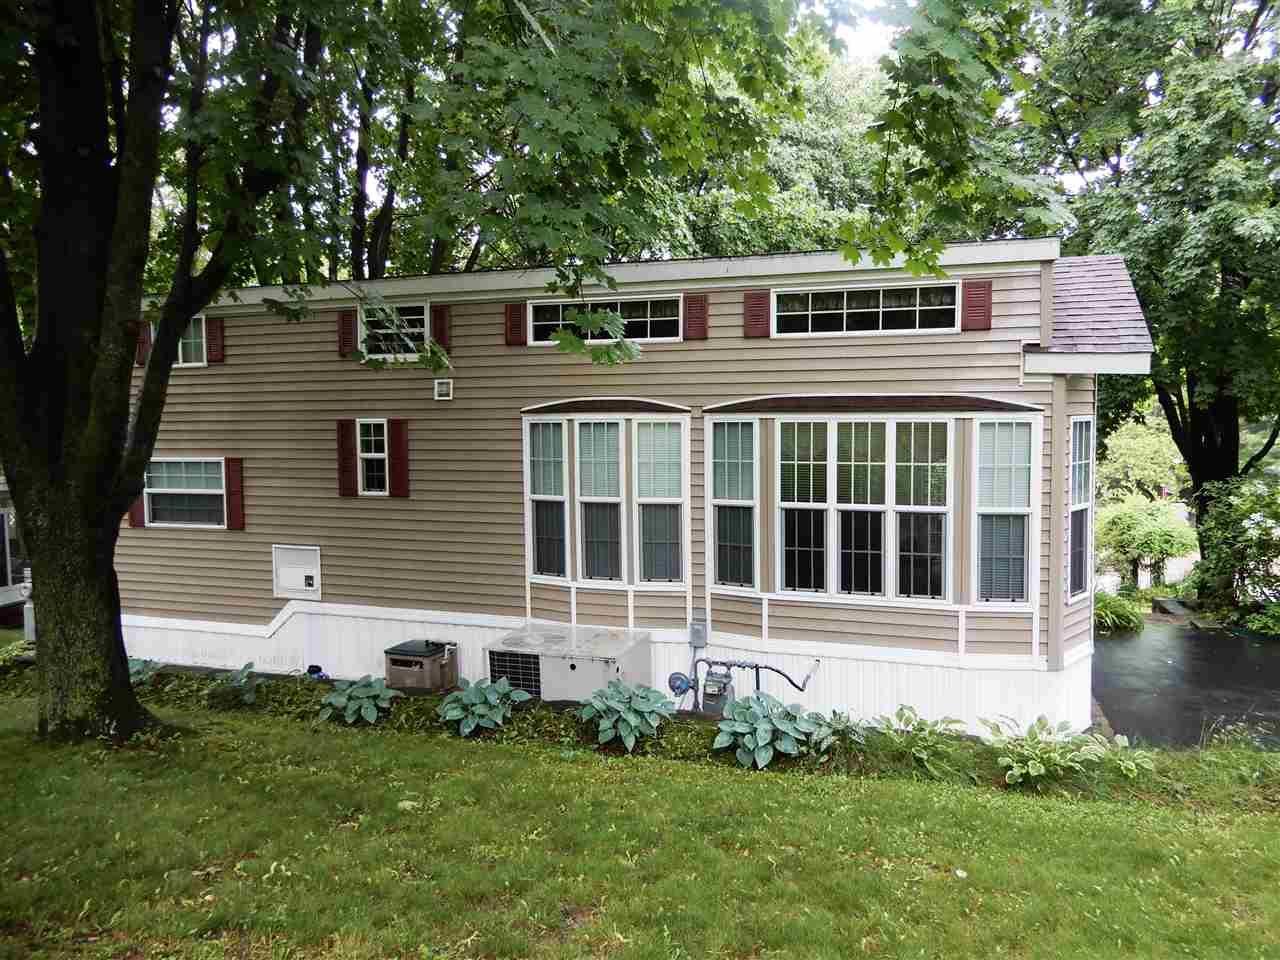 f_1913243_02 For Sale In Rock River Leisure Estates